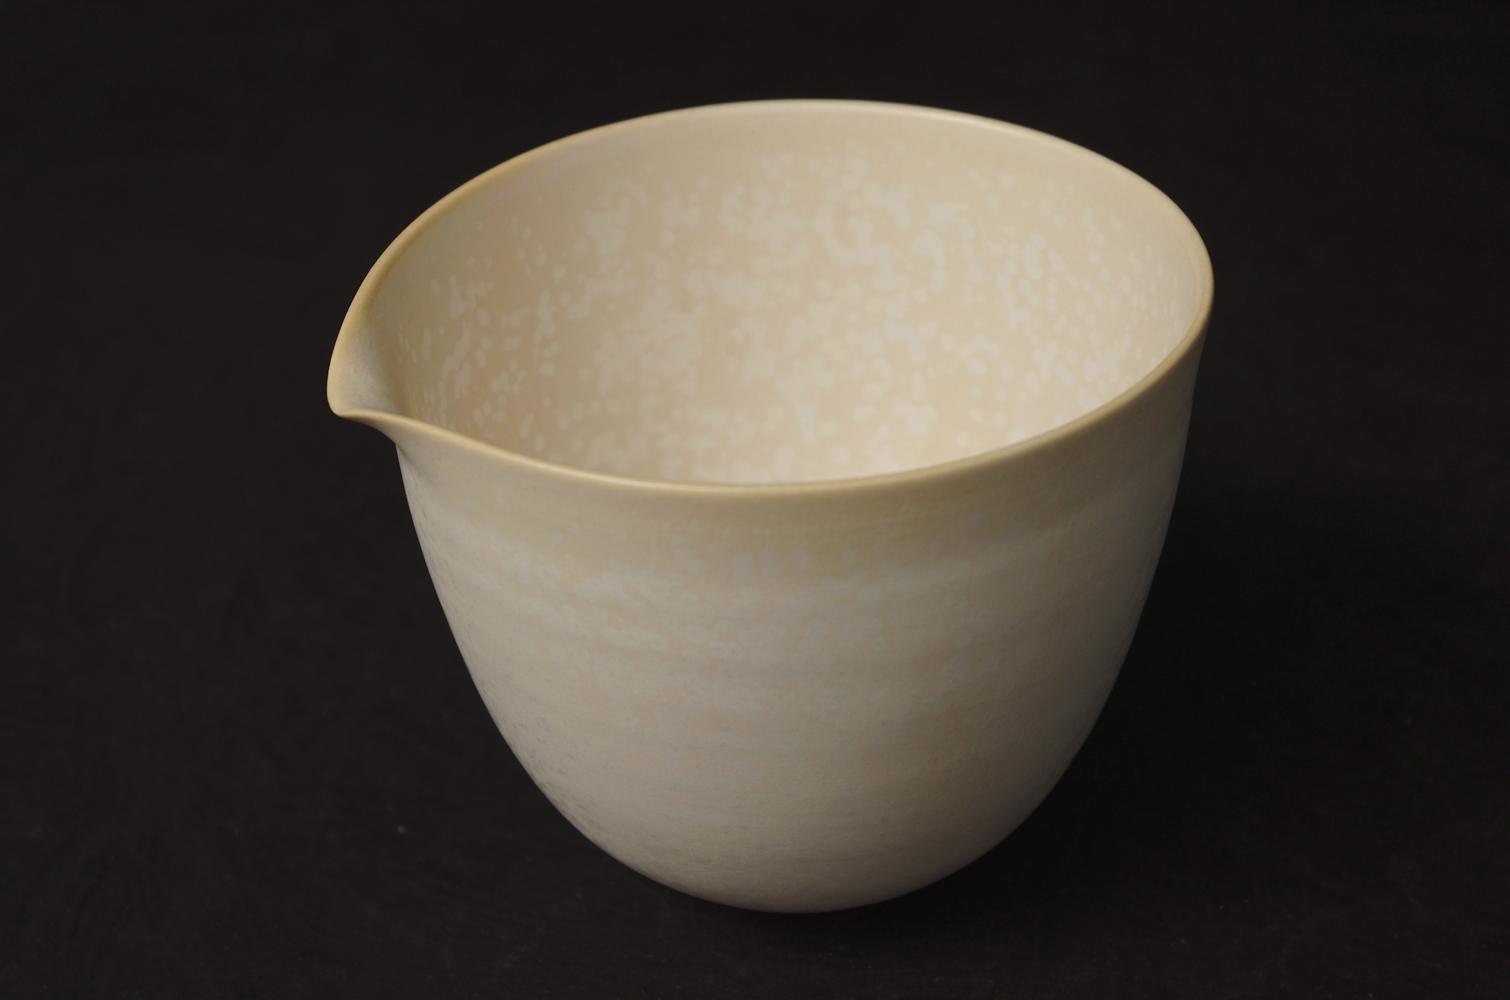 福岡彩子 sake bowl-1